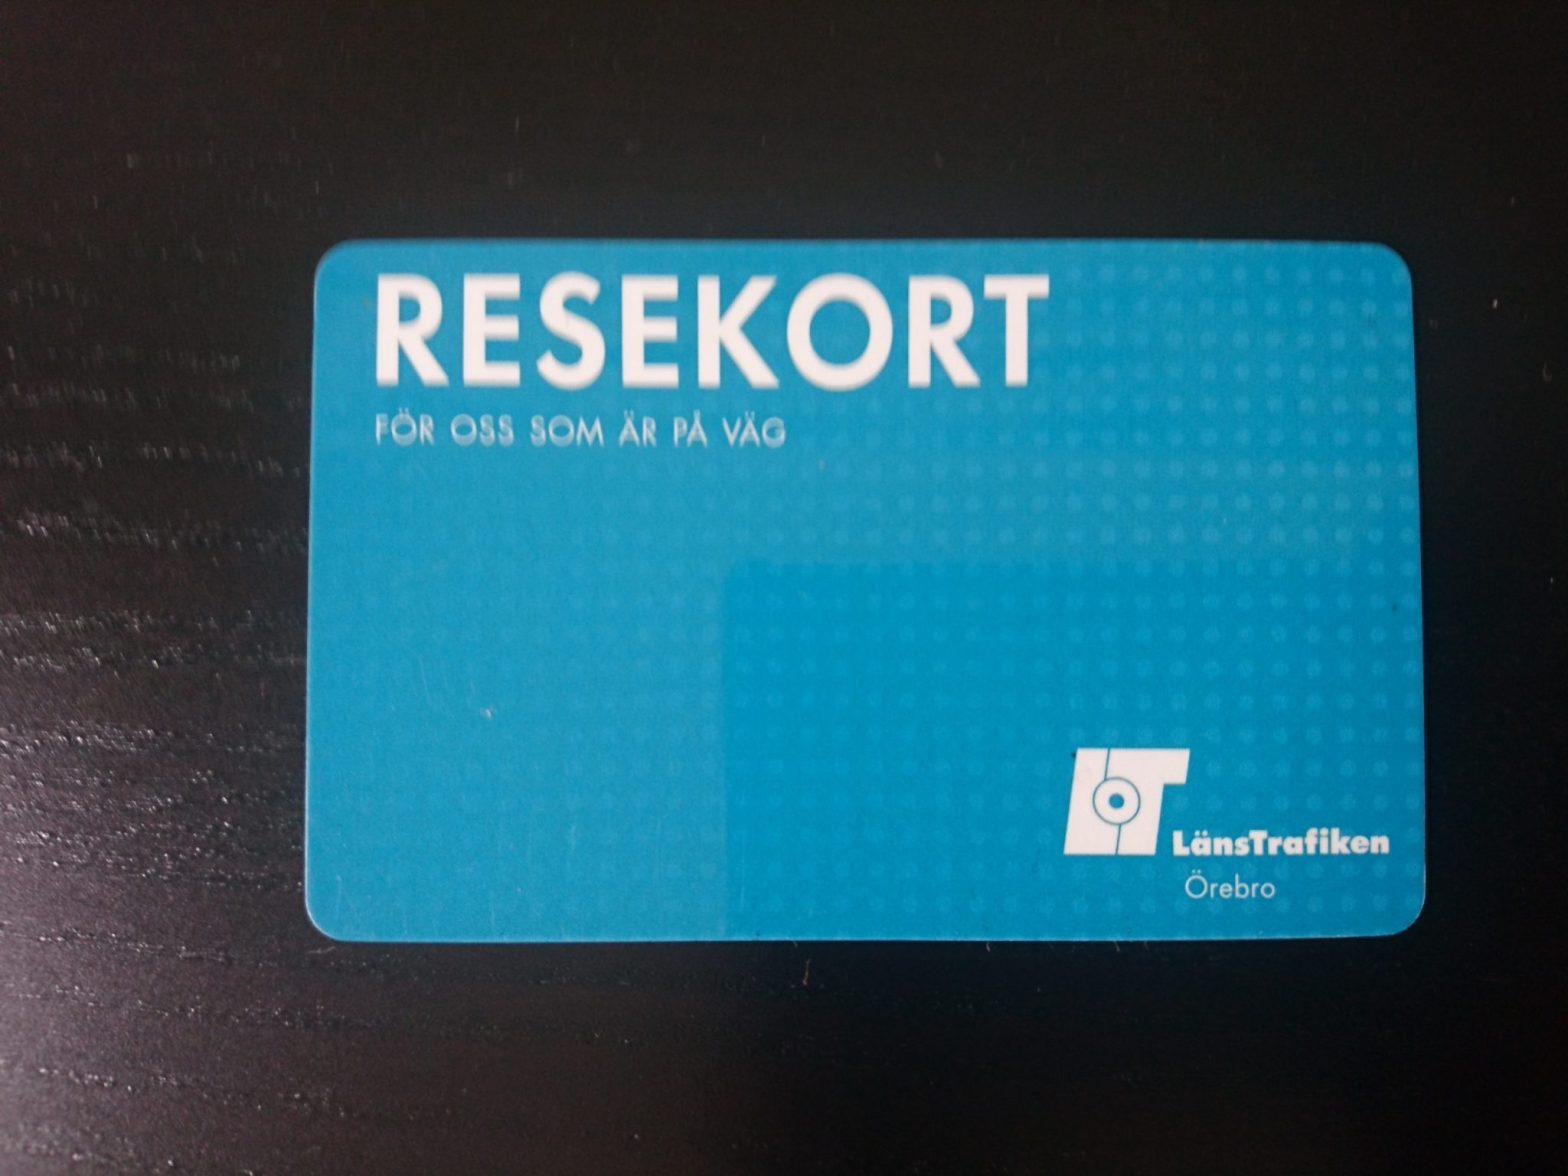 Resekort Örebro län